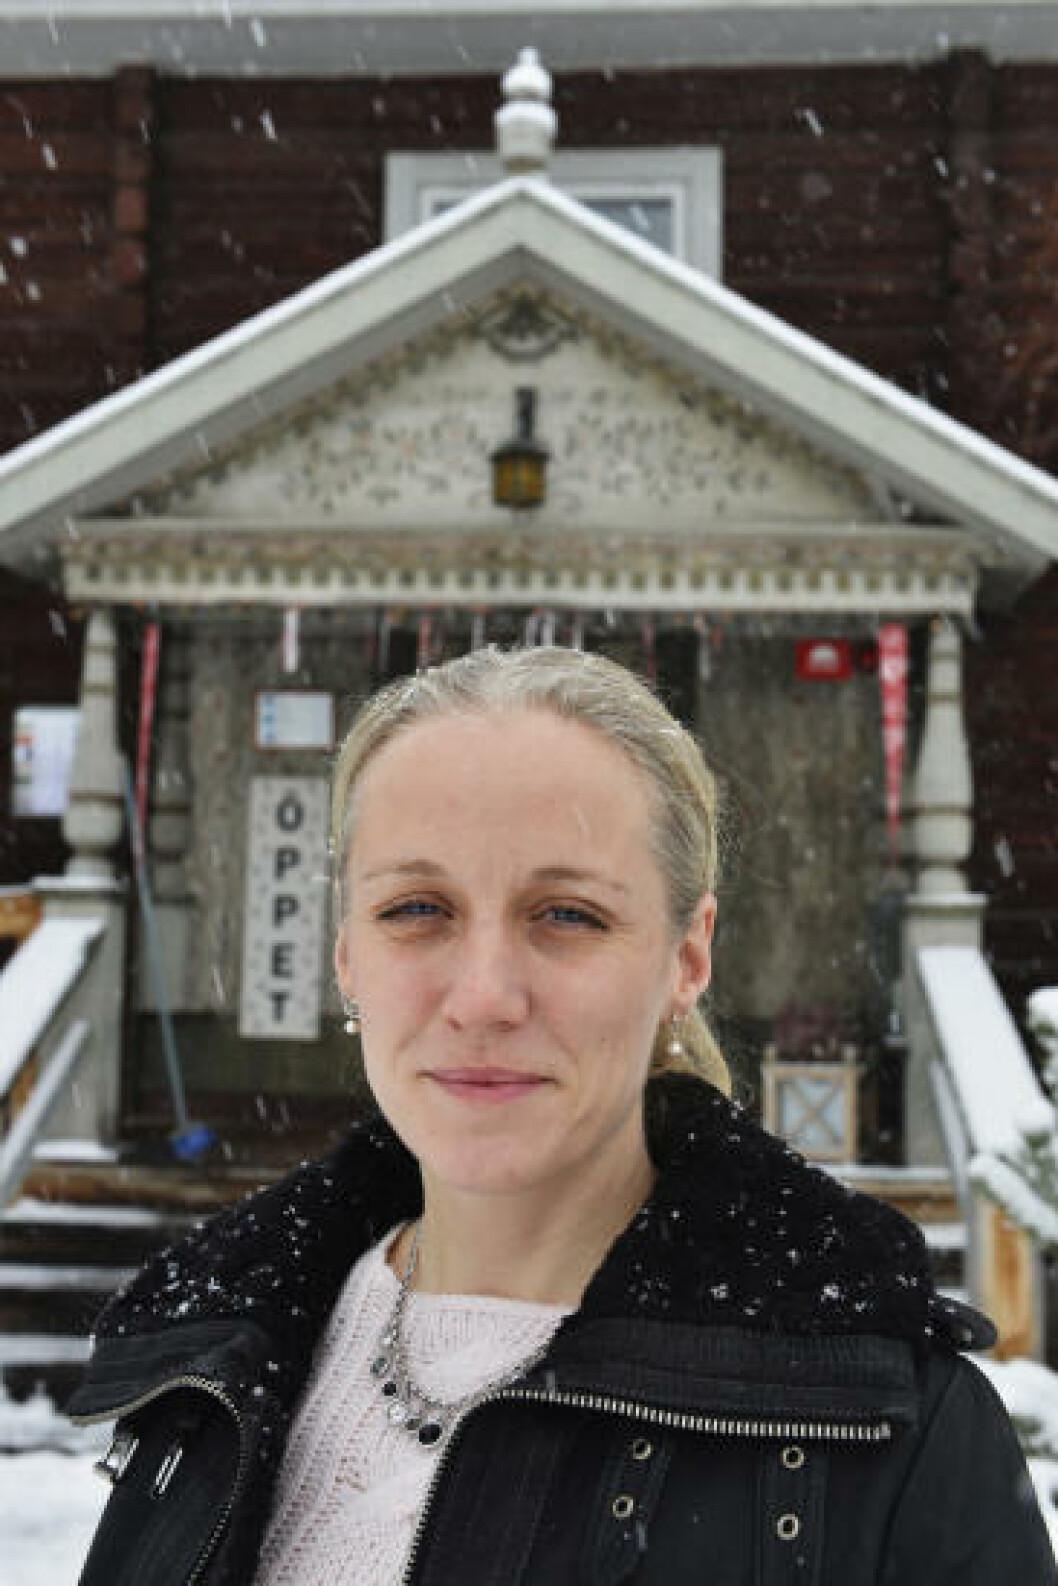 <strong>HÅPER PÅ STORINNRYKK:</strong> Lisa Clason er et av medlemmene i kooperativbutikken Handslaget, som selger kunsthåndverk i et tømmerhus i Rättvik. Foto: GJERMUND GLESNES